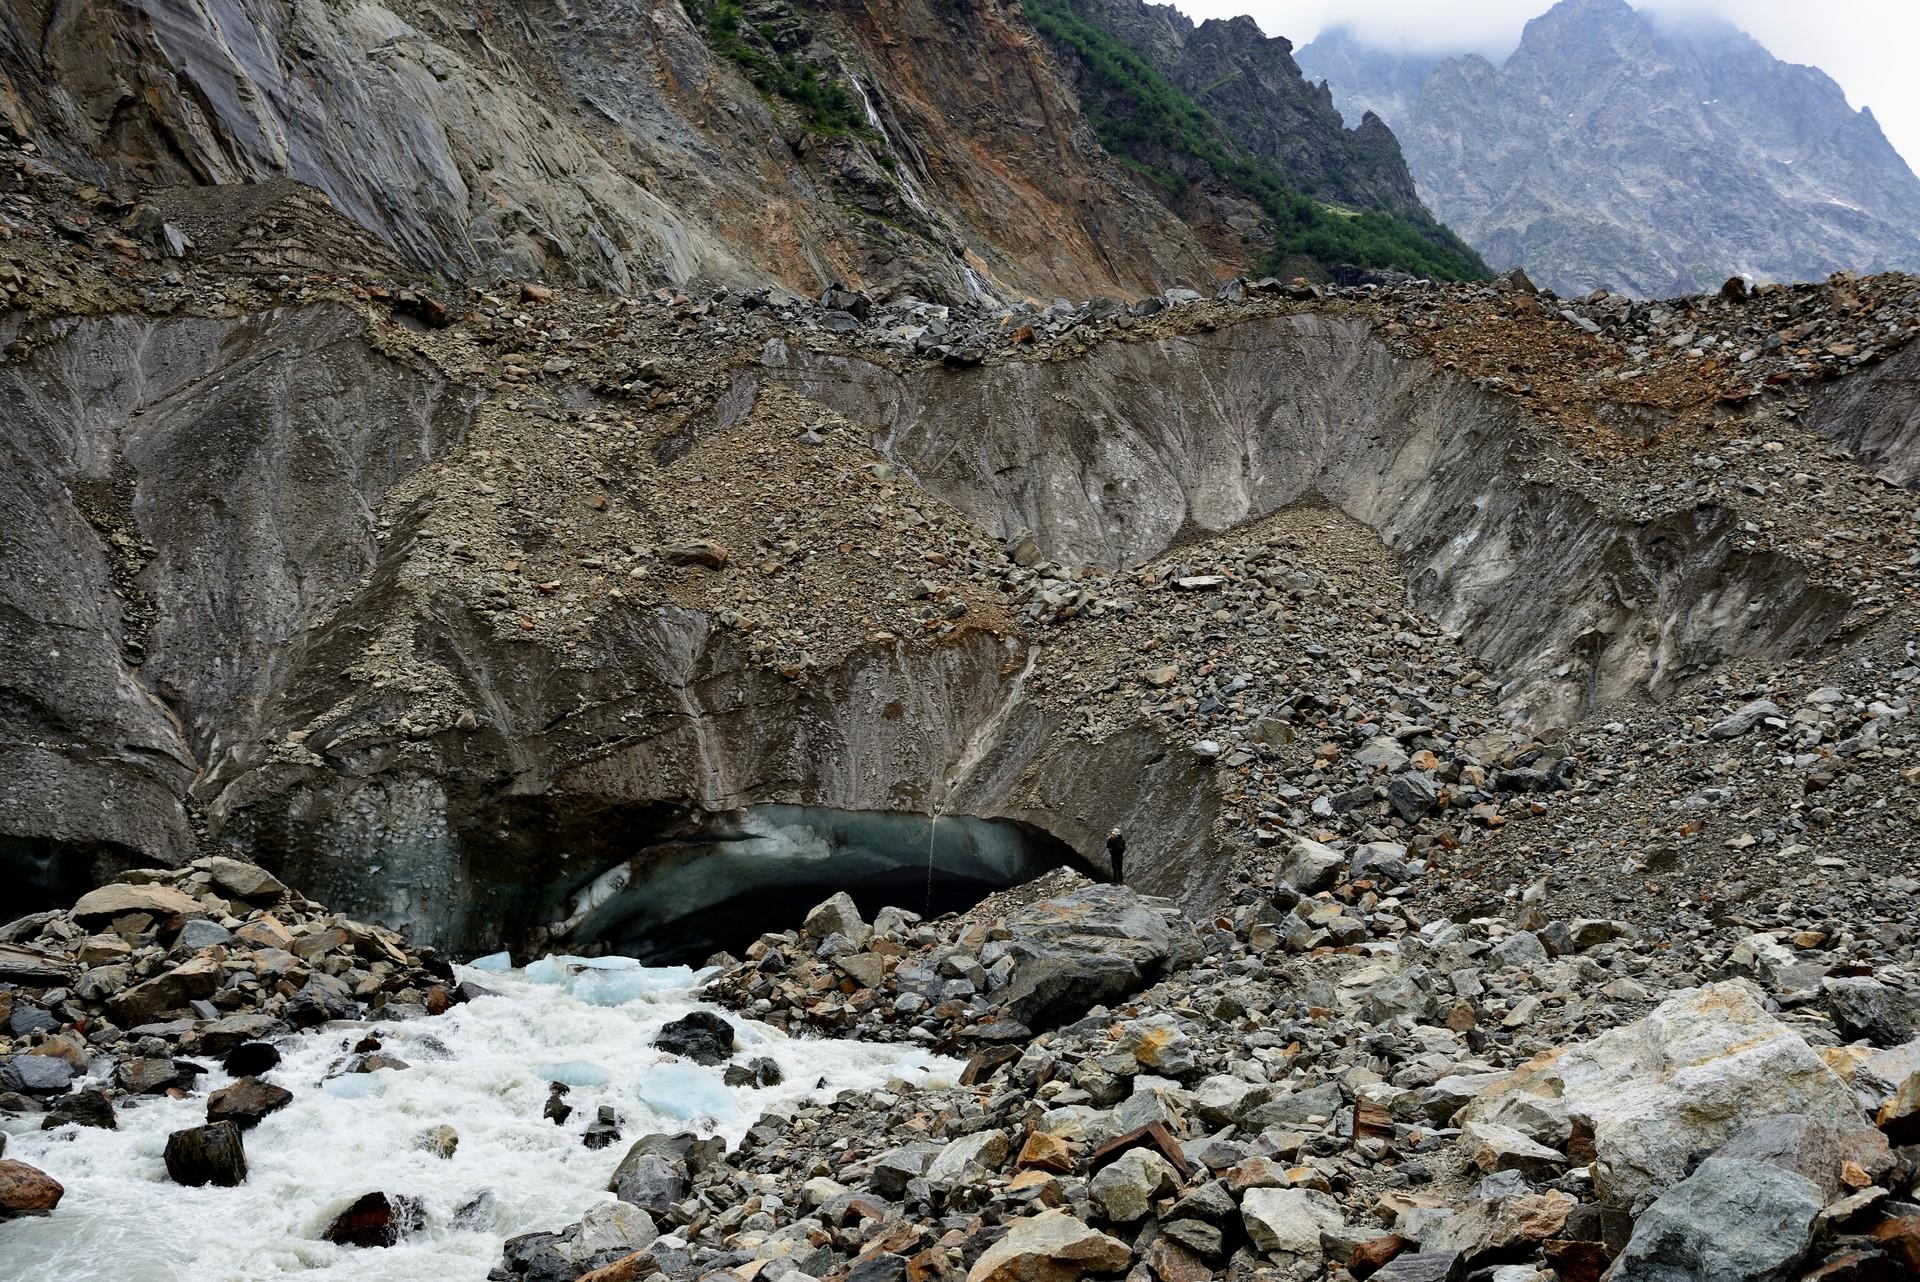 The Chalati Glacier in the Svaneti region, Georgia